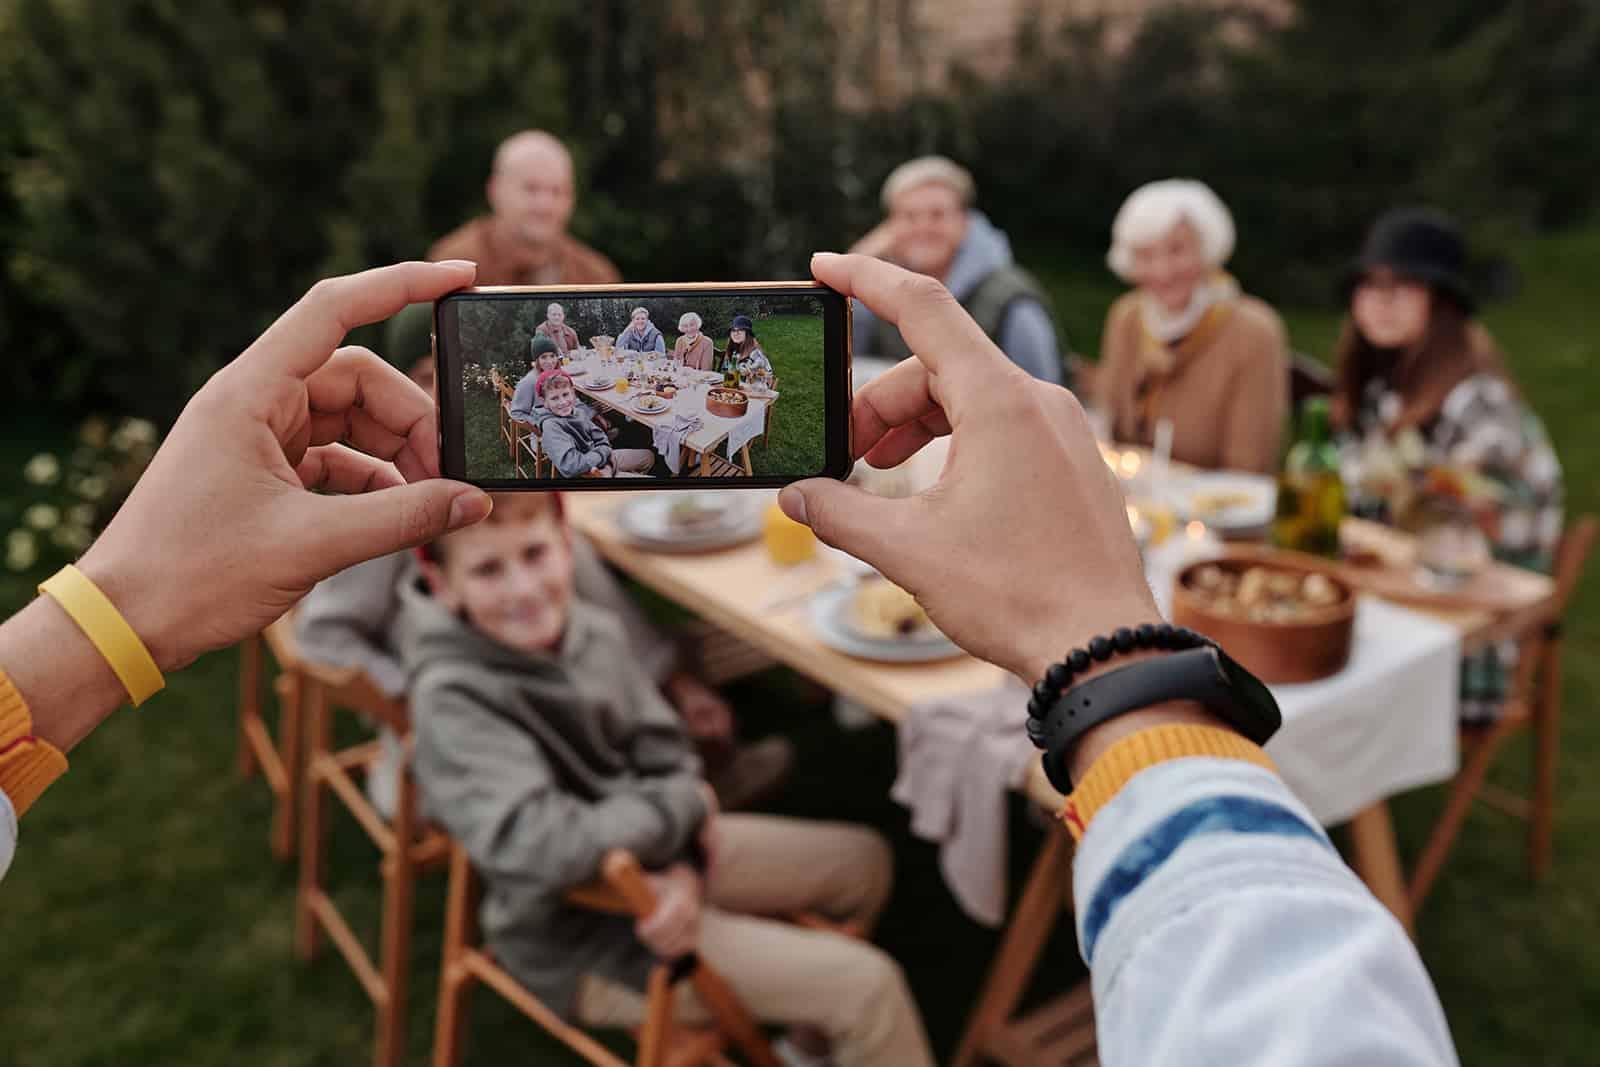 eine Person, die ein Foto einer Familie macht, die am Tisch in einem Hof sitzt